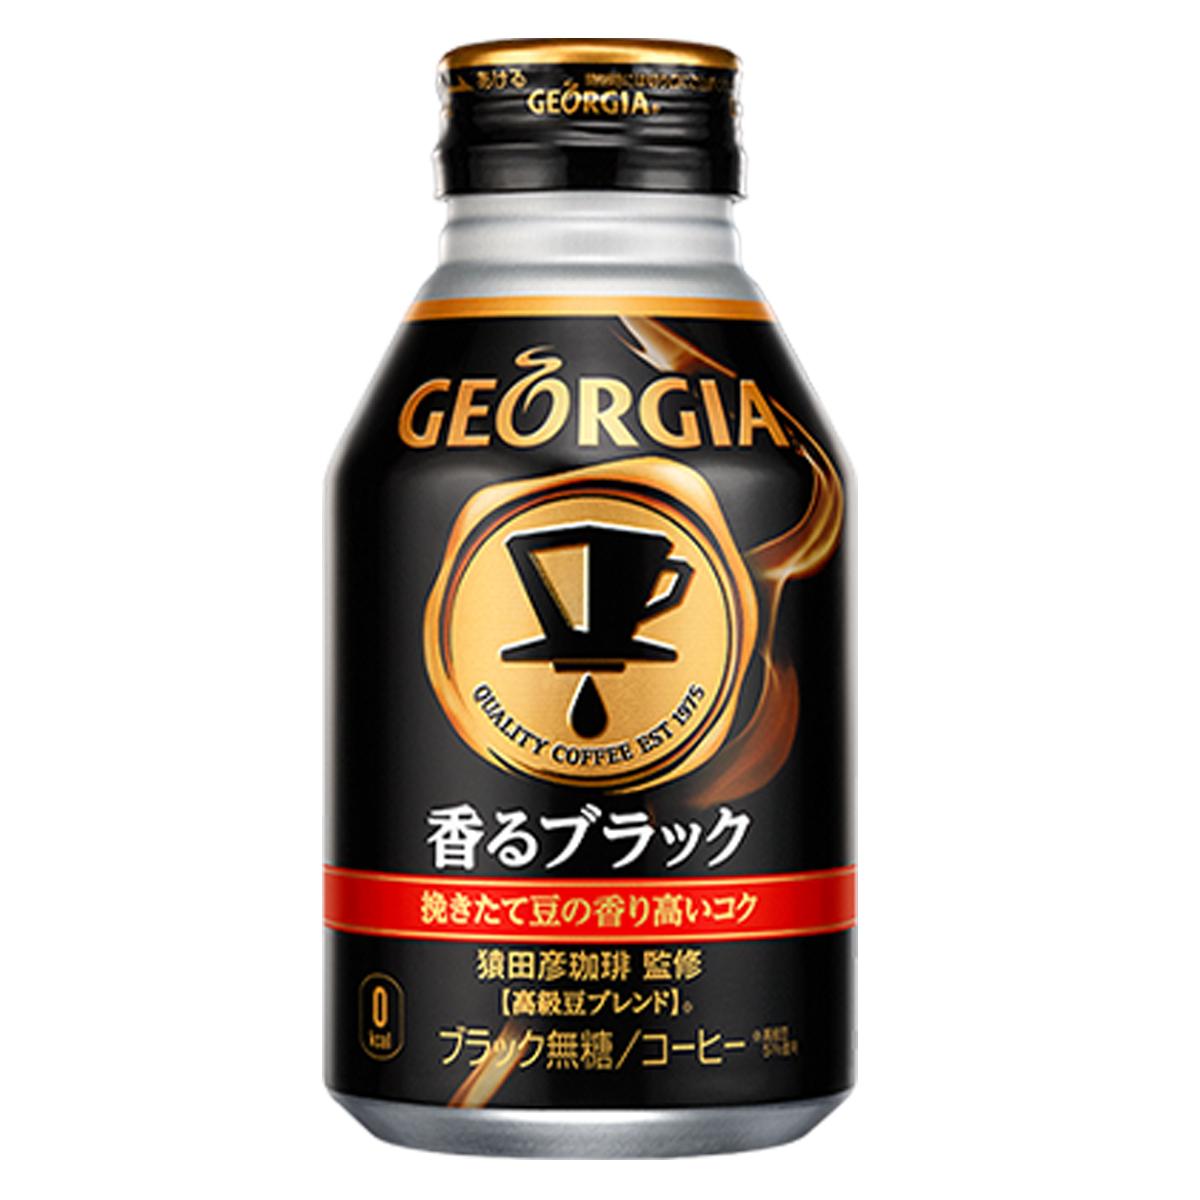 【2ケースセット】コカ・コーラ ジョージア ヨーロピアン香るブラック 290mL ボトル缶 飲料 飲み物 ソフトドリンク 缶コーヒー 24本×2ケース 買い回り 買い周り 買いまわり ポイント消化